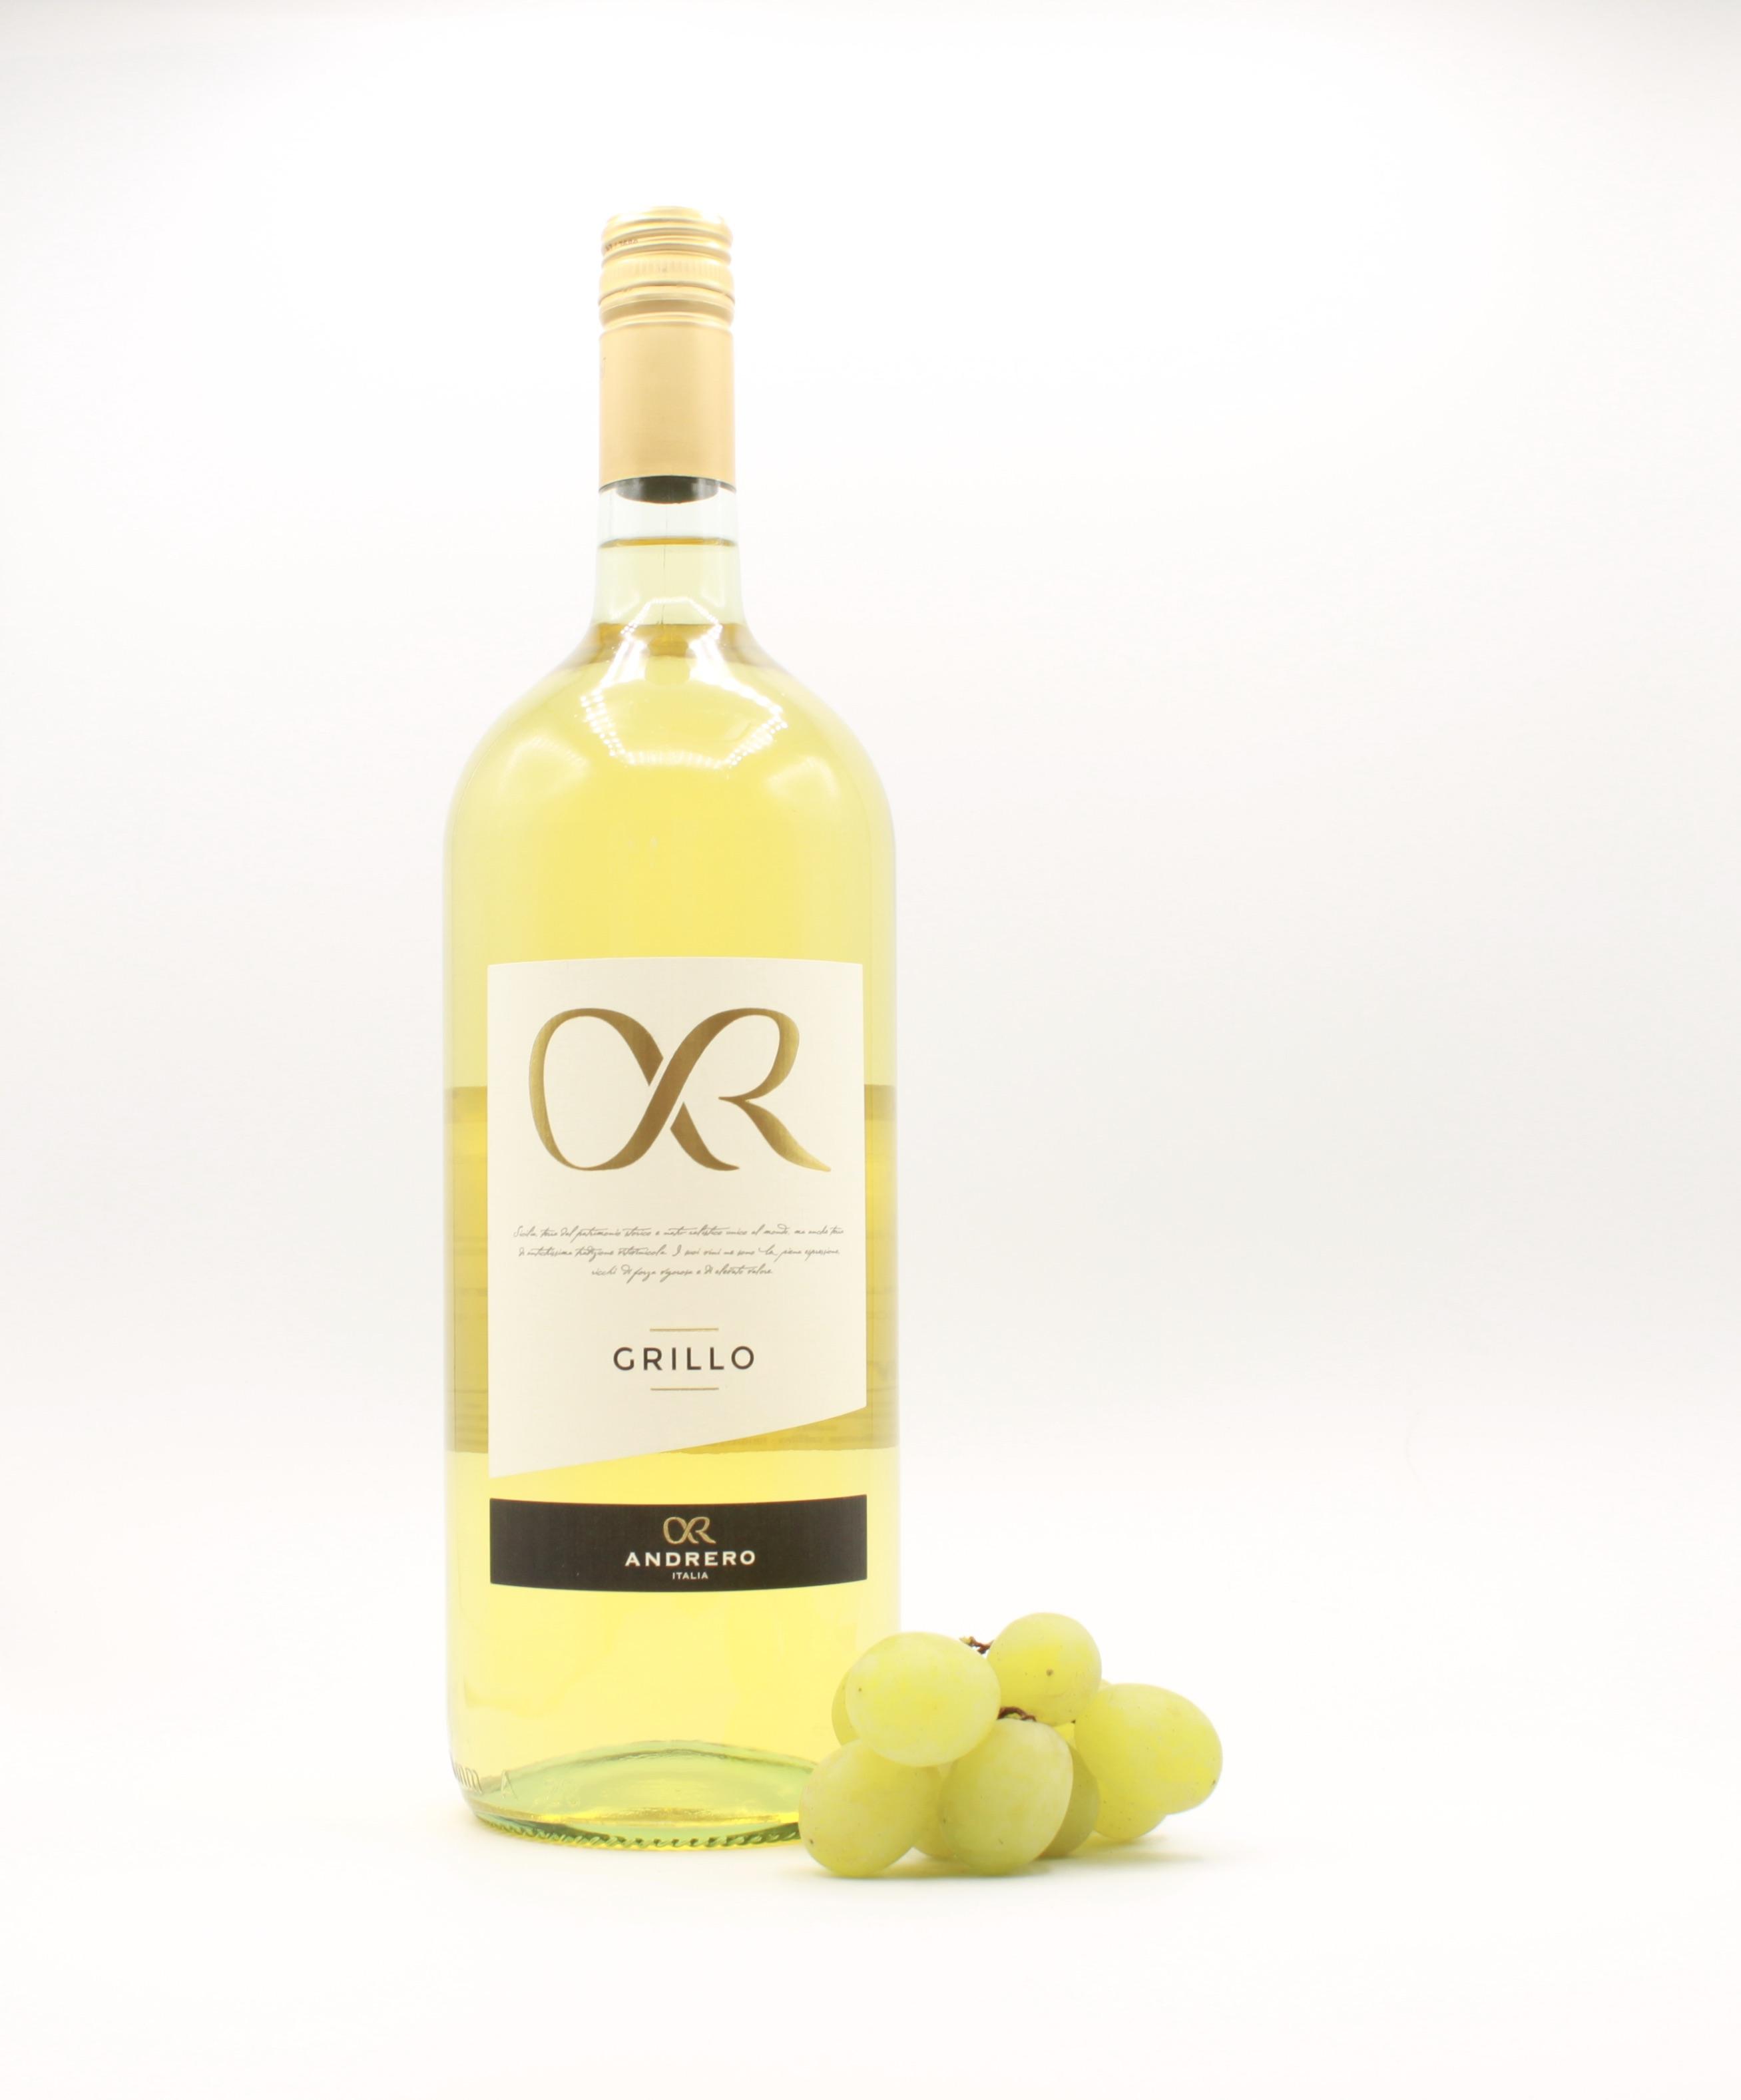 Grillo Mongreno - Andrero, Italienischer Weißwein 1,5l